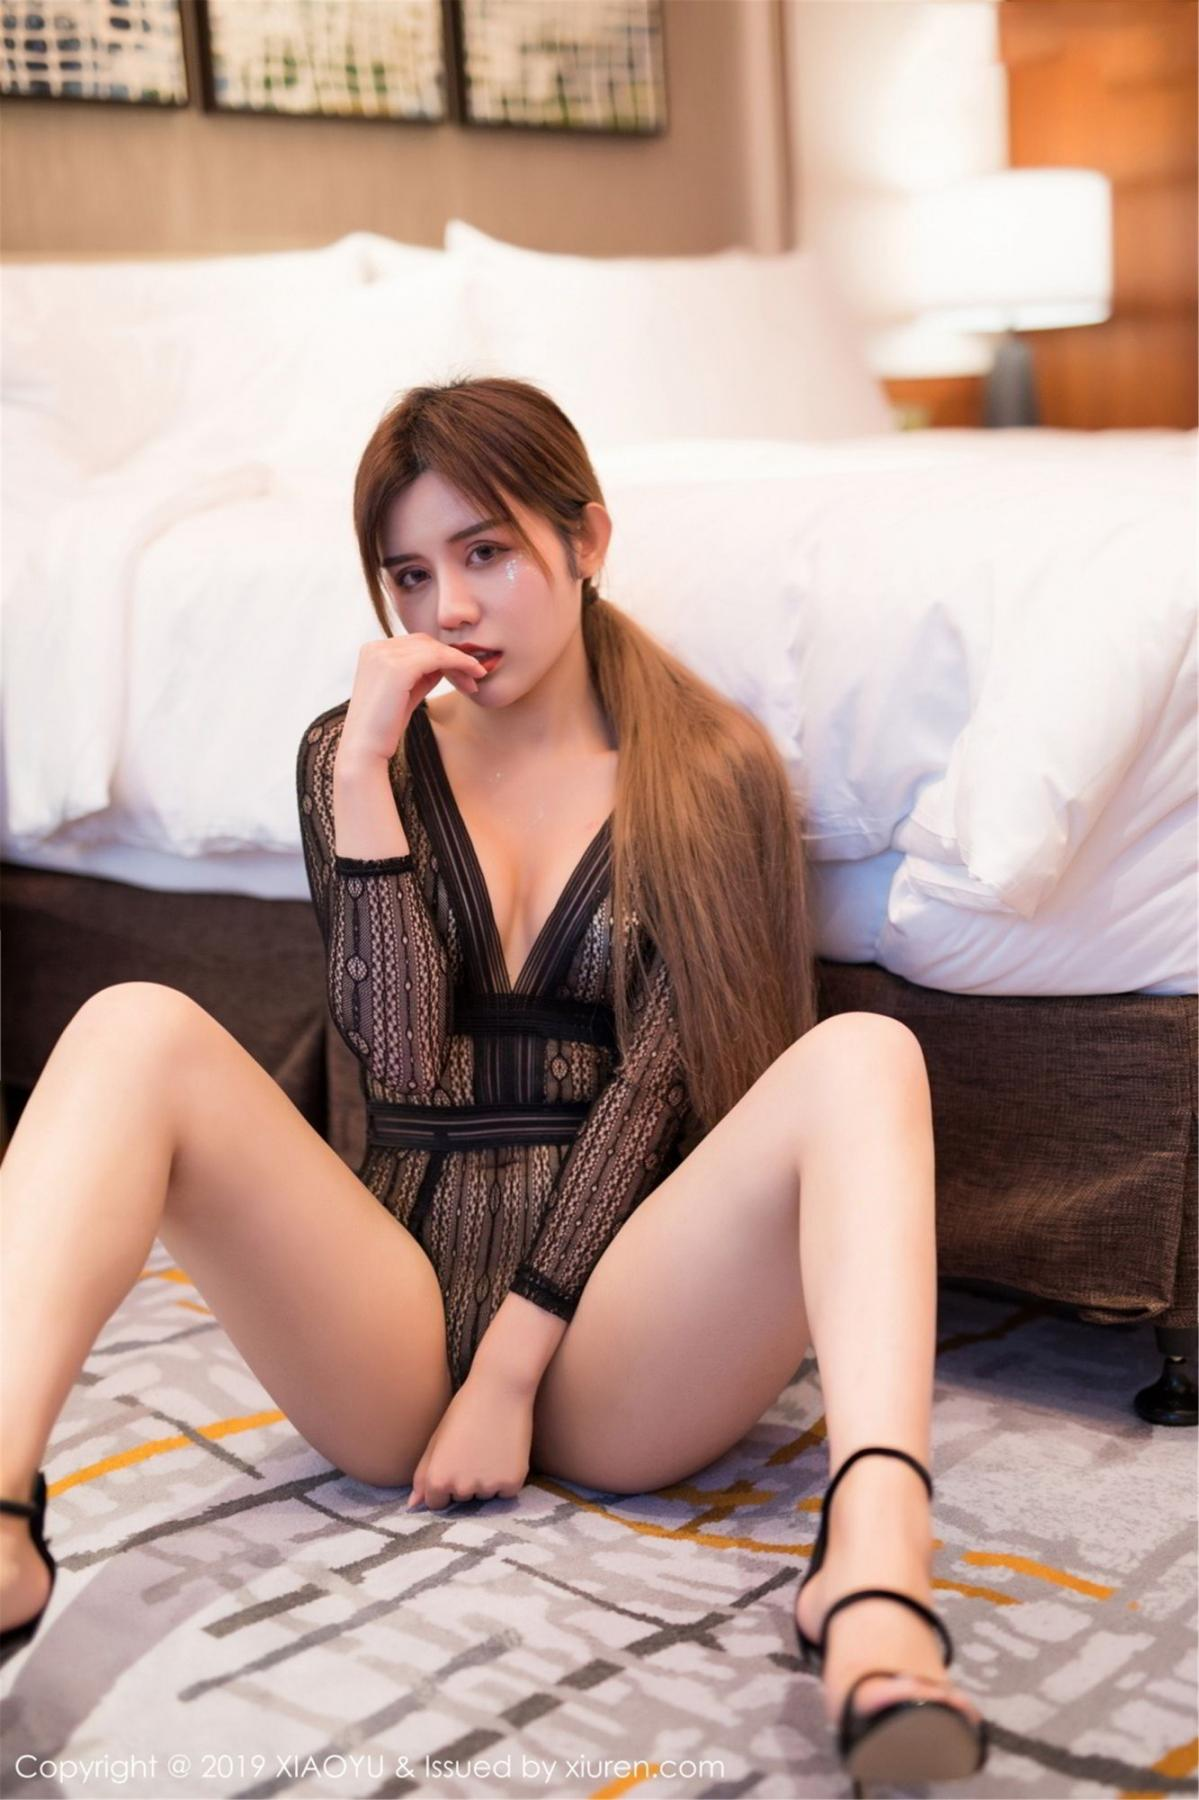 [XiaoYu] Vol.064 Zhuo Ya Qi 1P, Sexy, XiaoYu, Zhuo Ya Qi